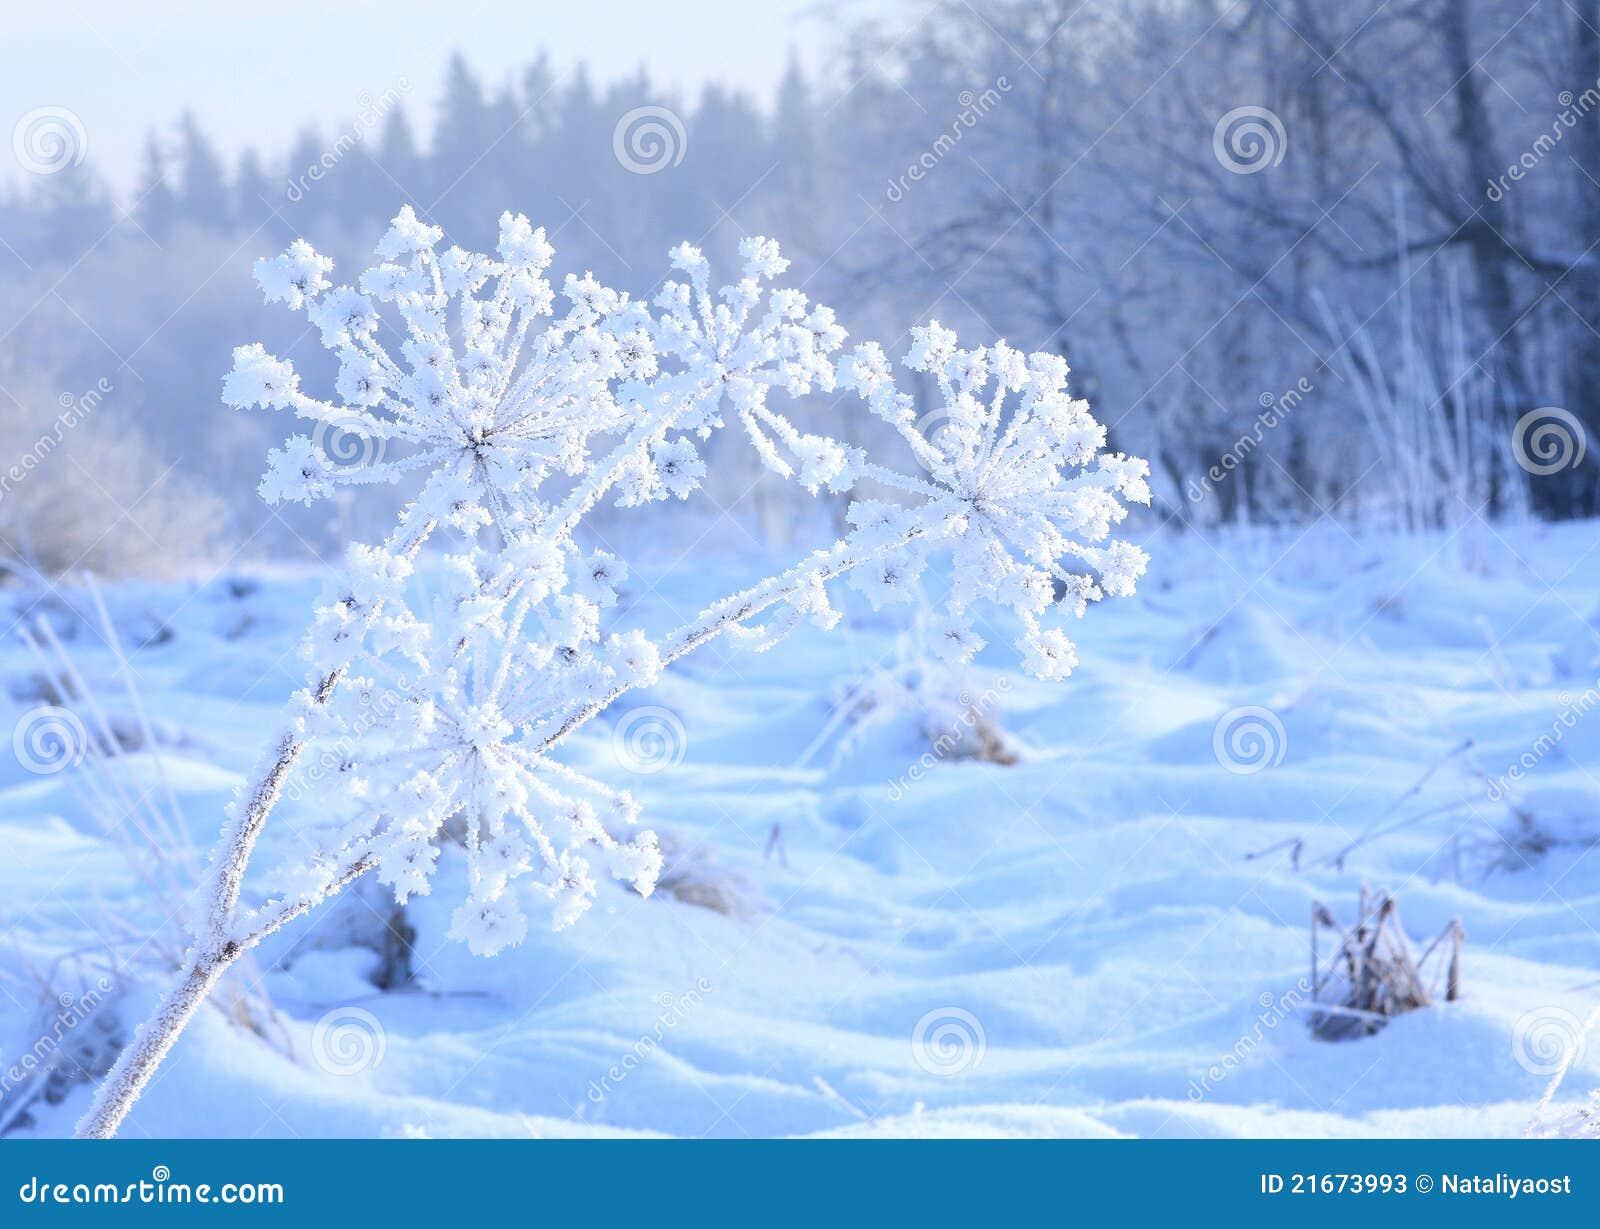 Frozen Flower Part4 Picture Hot Girls Wallpaper